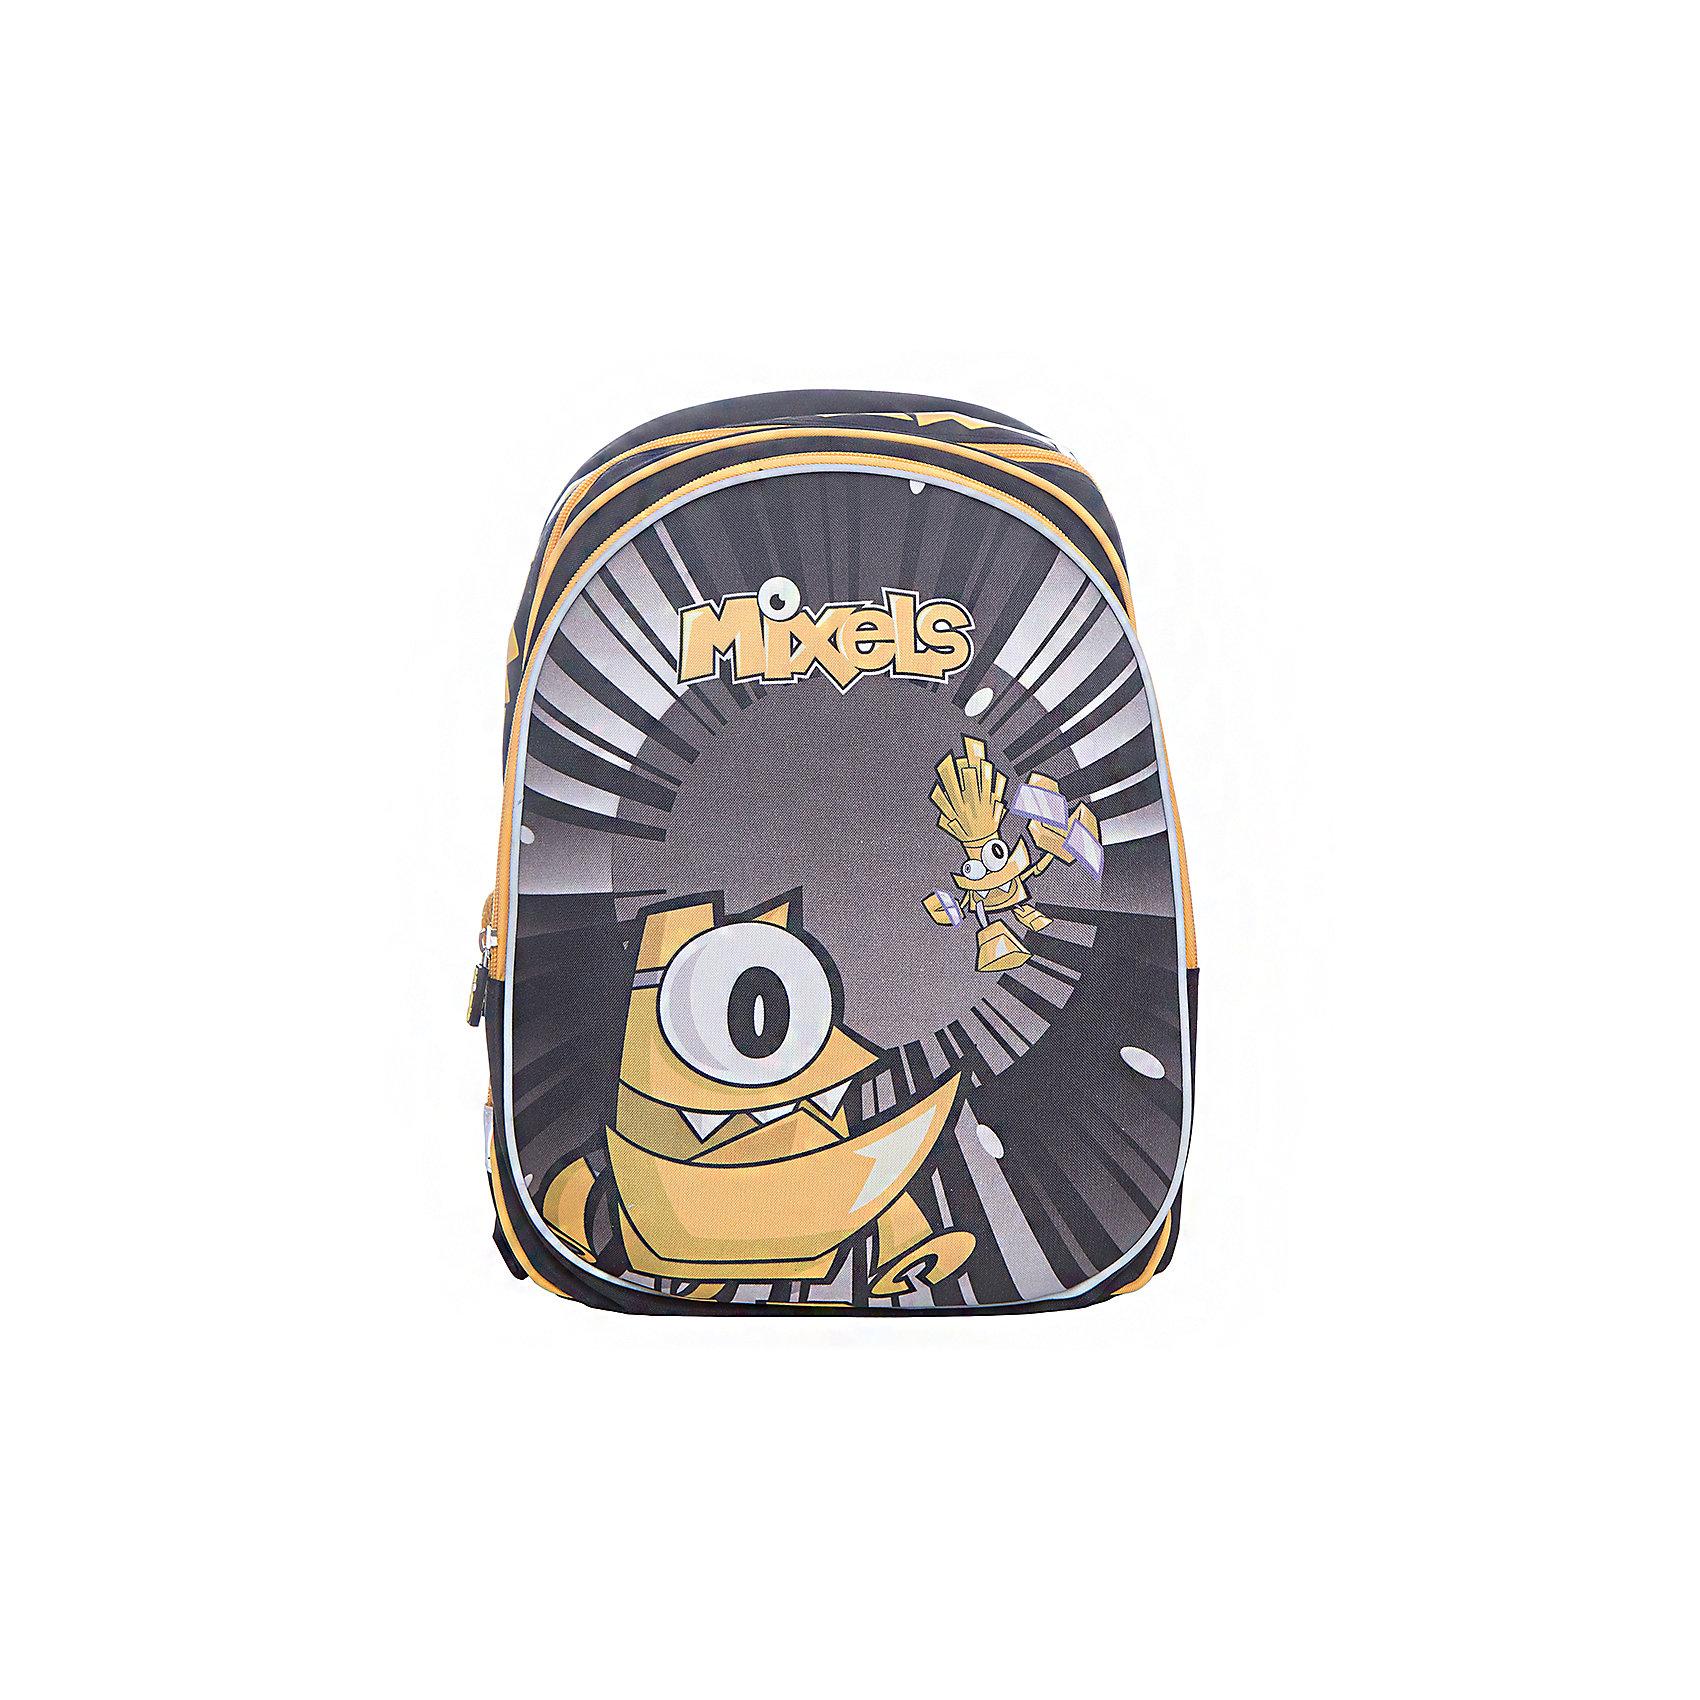 Ранец с двумя отделениями на молнии Super bag, MixelsРюкзаки<br>Характеристики товара:<br><br>• тип: рюкзак<br>• цвет: желтый<br>• состав: полиэстер<br>• пол: для мальчика<br>• вид застежки: молния<br>• размеры: 39х20х30 см<br>• количество отделений: 3 шт.<br>• сезон: круглогодичный<br>• бренд: Limpopo<br>• страна бренда: США<br>• страна производитель: Китай<br><br>Стильный ранец Super bag Mixels - вместительный и в тоже время невероятно легкий и удобный ранец c изображением любимых сказочных персонажей, послужит отличным помощников в учебе для маленького школьника. <br><br>Внутри ранца находятся три больших отделения, снаружи два боковых кармана- сеточки, а дно оснащено устойчивыми ножками, защищающими от воды и грязи. <br><br>Красочный передний клапан выполнен из EVA-материала, который обеспечивает долговечность и износоустйчивость ранца. <br><br>Модель ранца Super bag Mixels снабжена светоотражающими элементами, широкими регулируемыми лямками, а также эргономичной спинкой, повторяющей естественный изгиб позвоночника. <br><br>Ранец украшен фирменными брелочками и брендированными нашивками.<br><br>Ранец с тремя отделениями на молнии Super bag, Mixels торговой марки Limpopo можно купить в нашем интернет-магазине.<br><br>Ширина мм: 300<br>Глубина мм: 3900<br>Высота мм: 200<br>Вес г: 900<br>Возраст от месяцев: 72<br>Возраст до месяцев: 96<br>Пол: Мужской<br>Возраст: Детский<br>SKU: 5475520